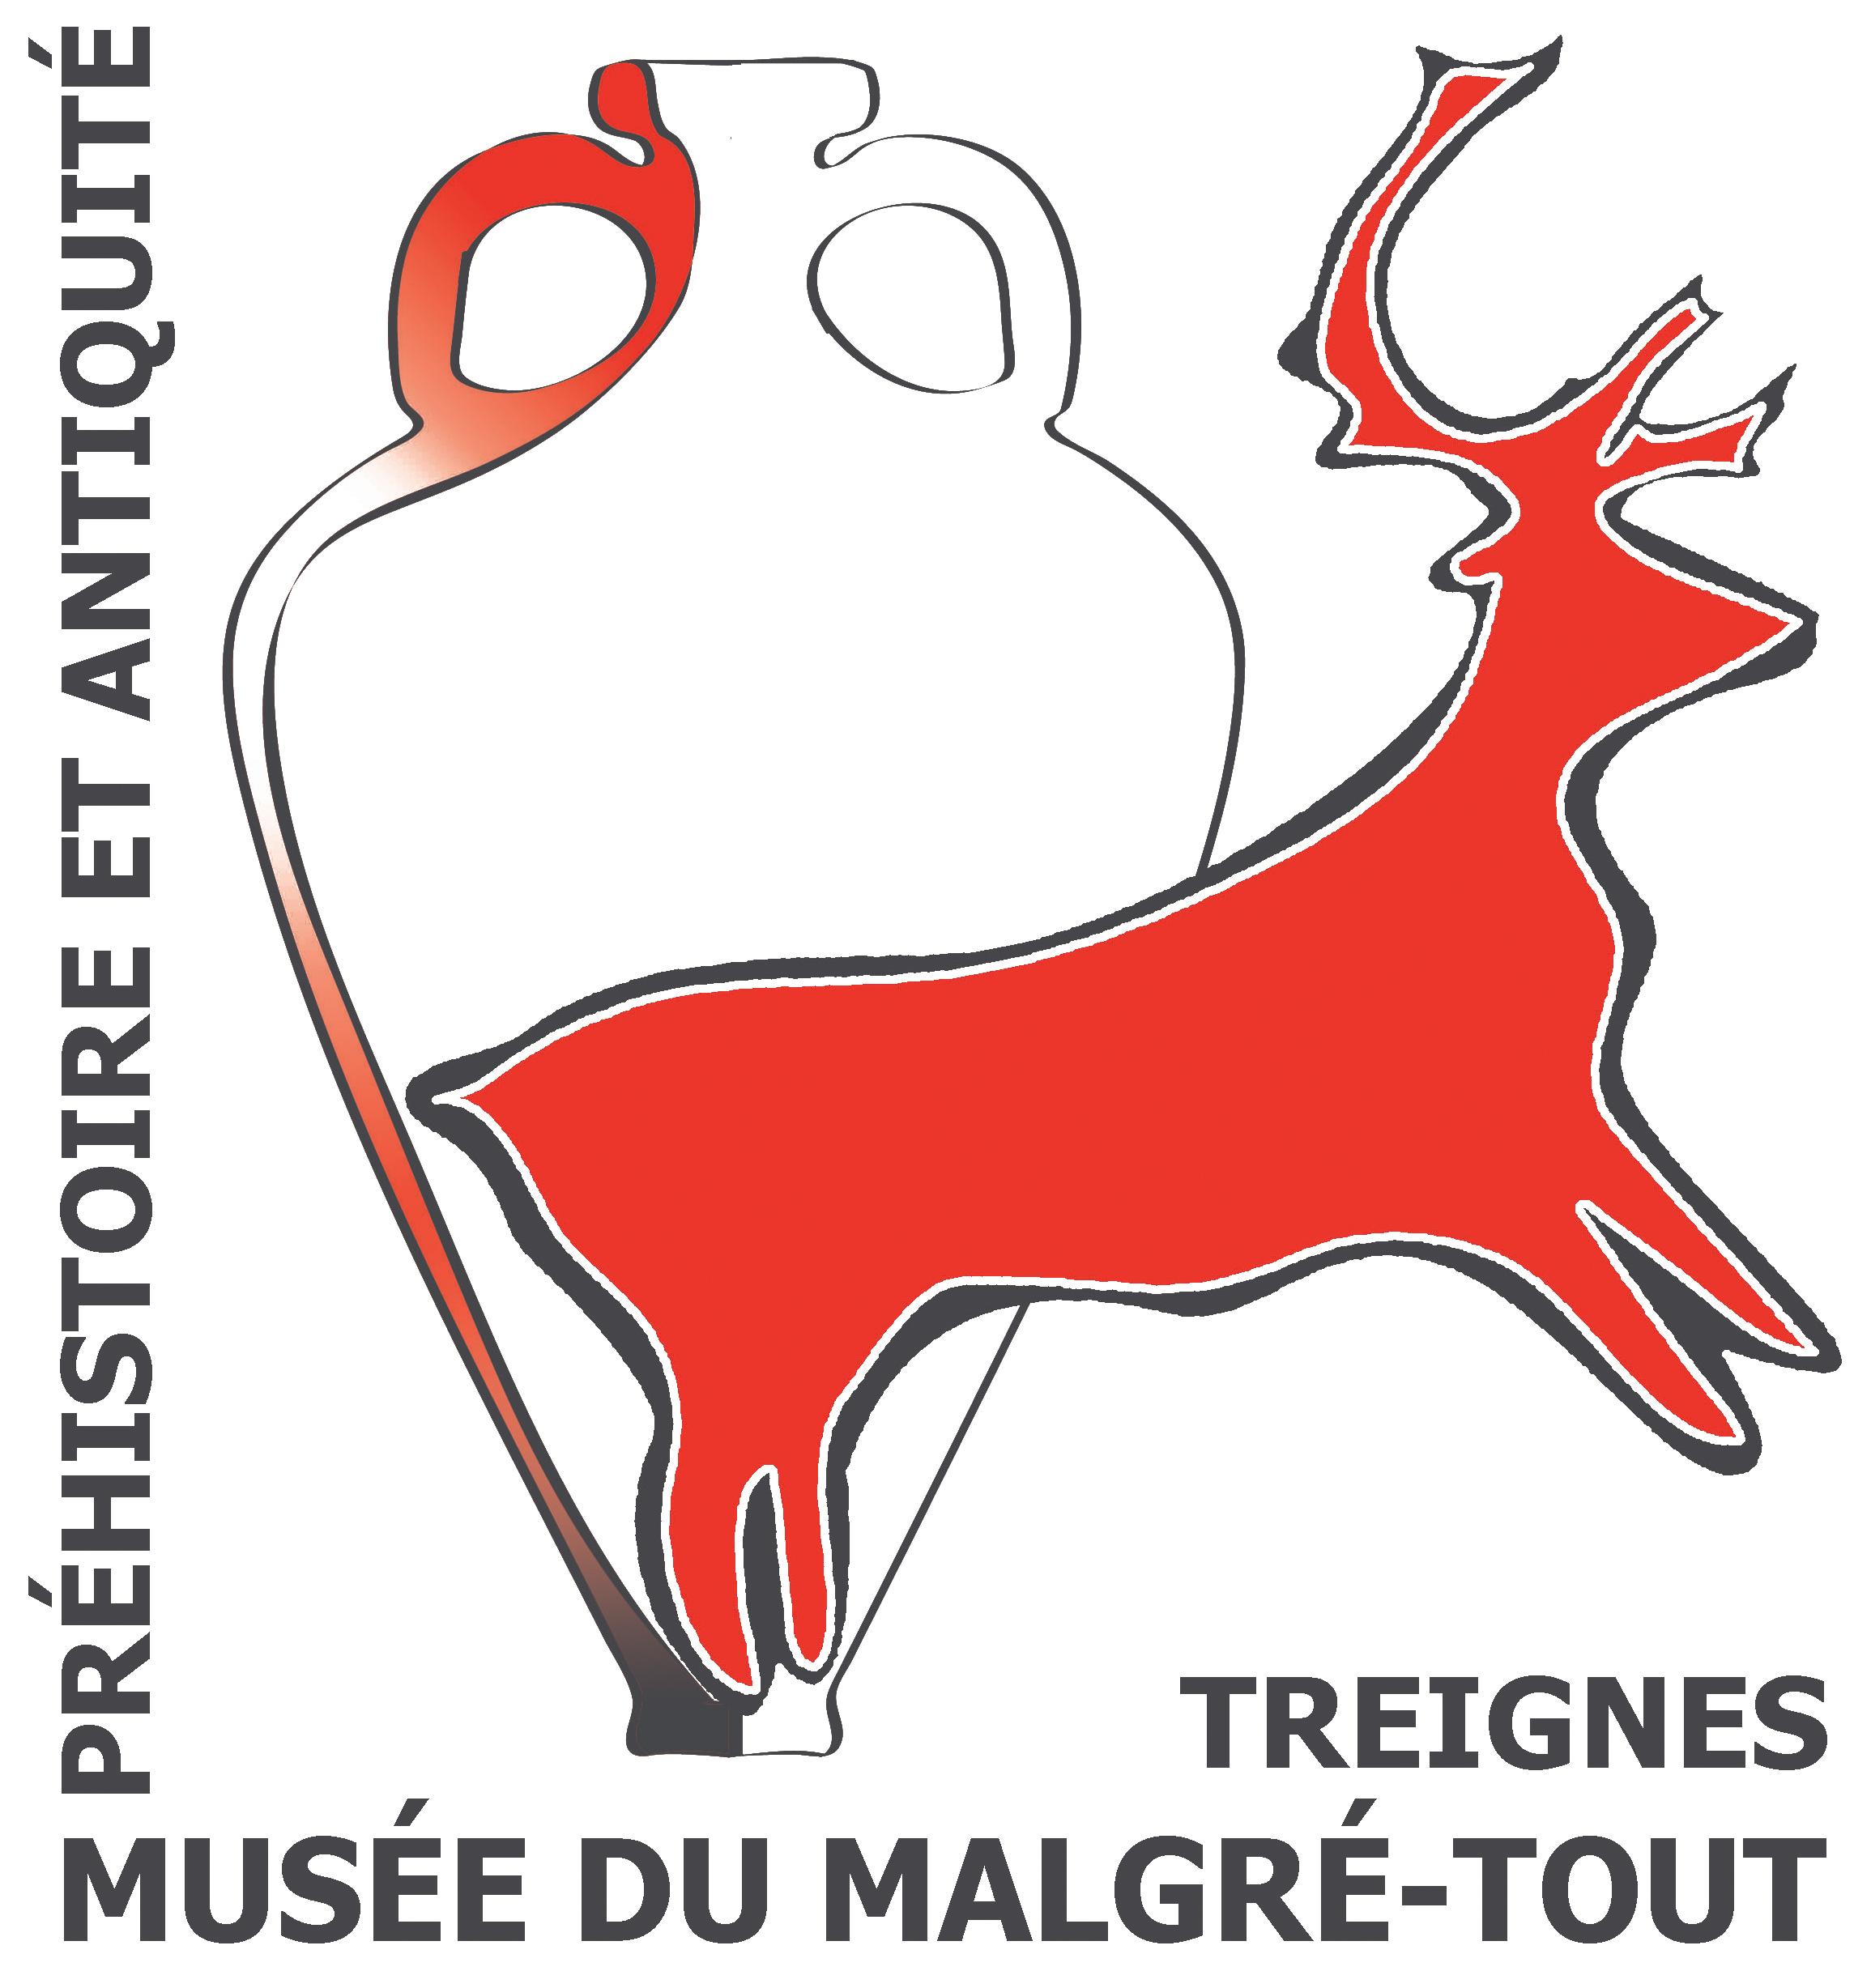 Logo of Musée du Malgré Tout